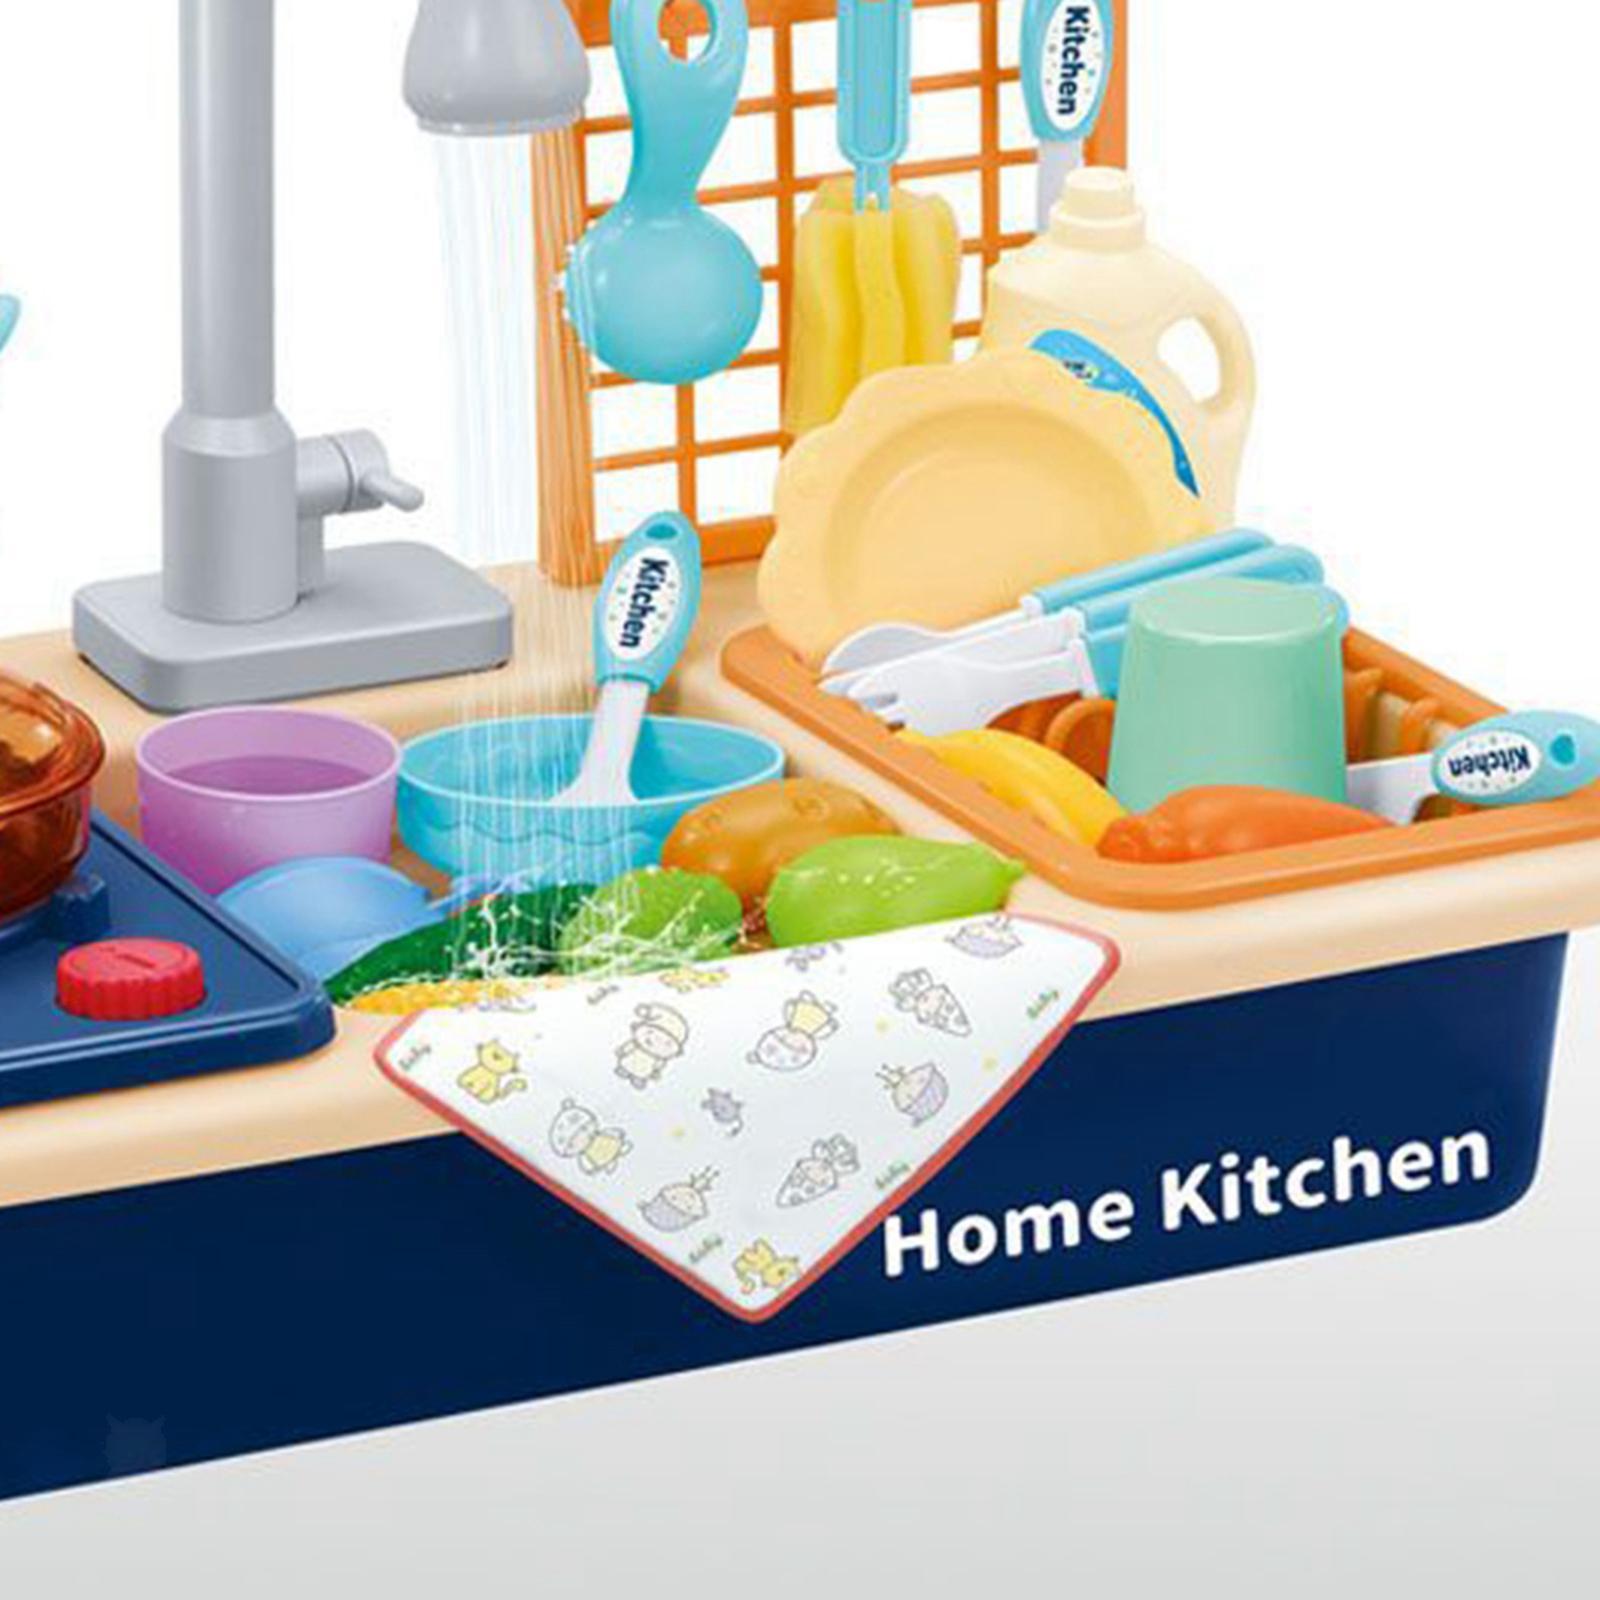 Indexbild 21 - Kinder-Kueche-Spielen-Waschbecken-Spielzeug-Automatische-Wasser-Zyklus-System